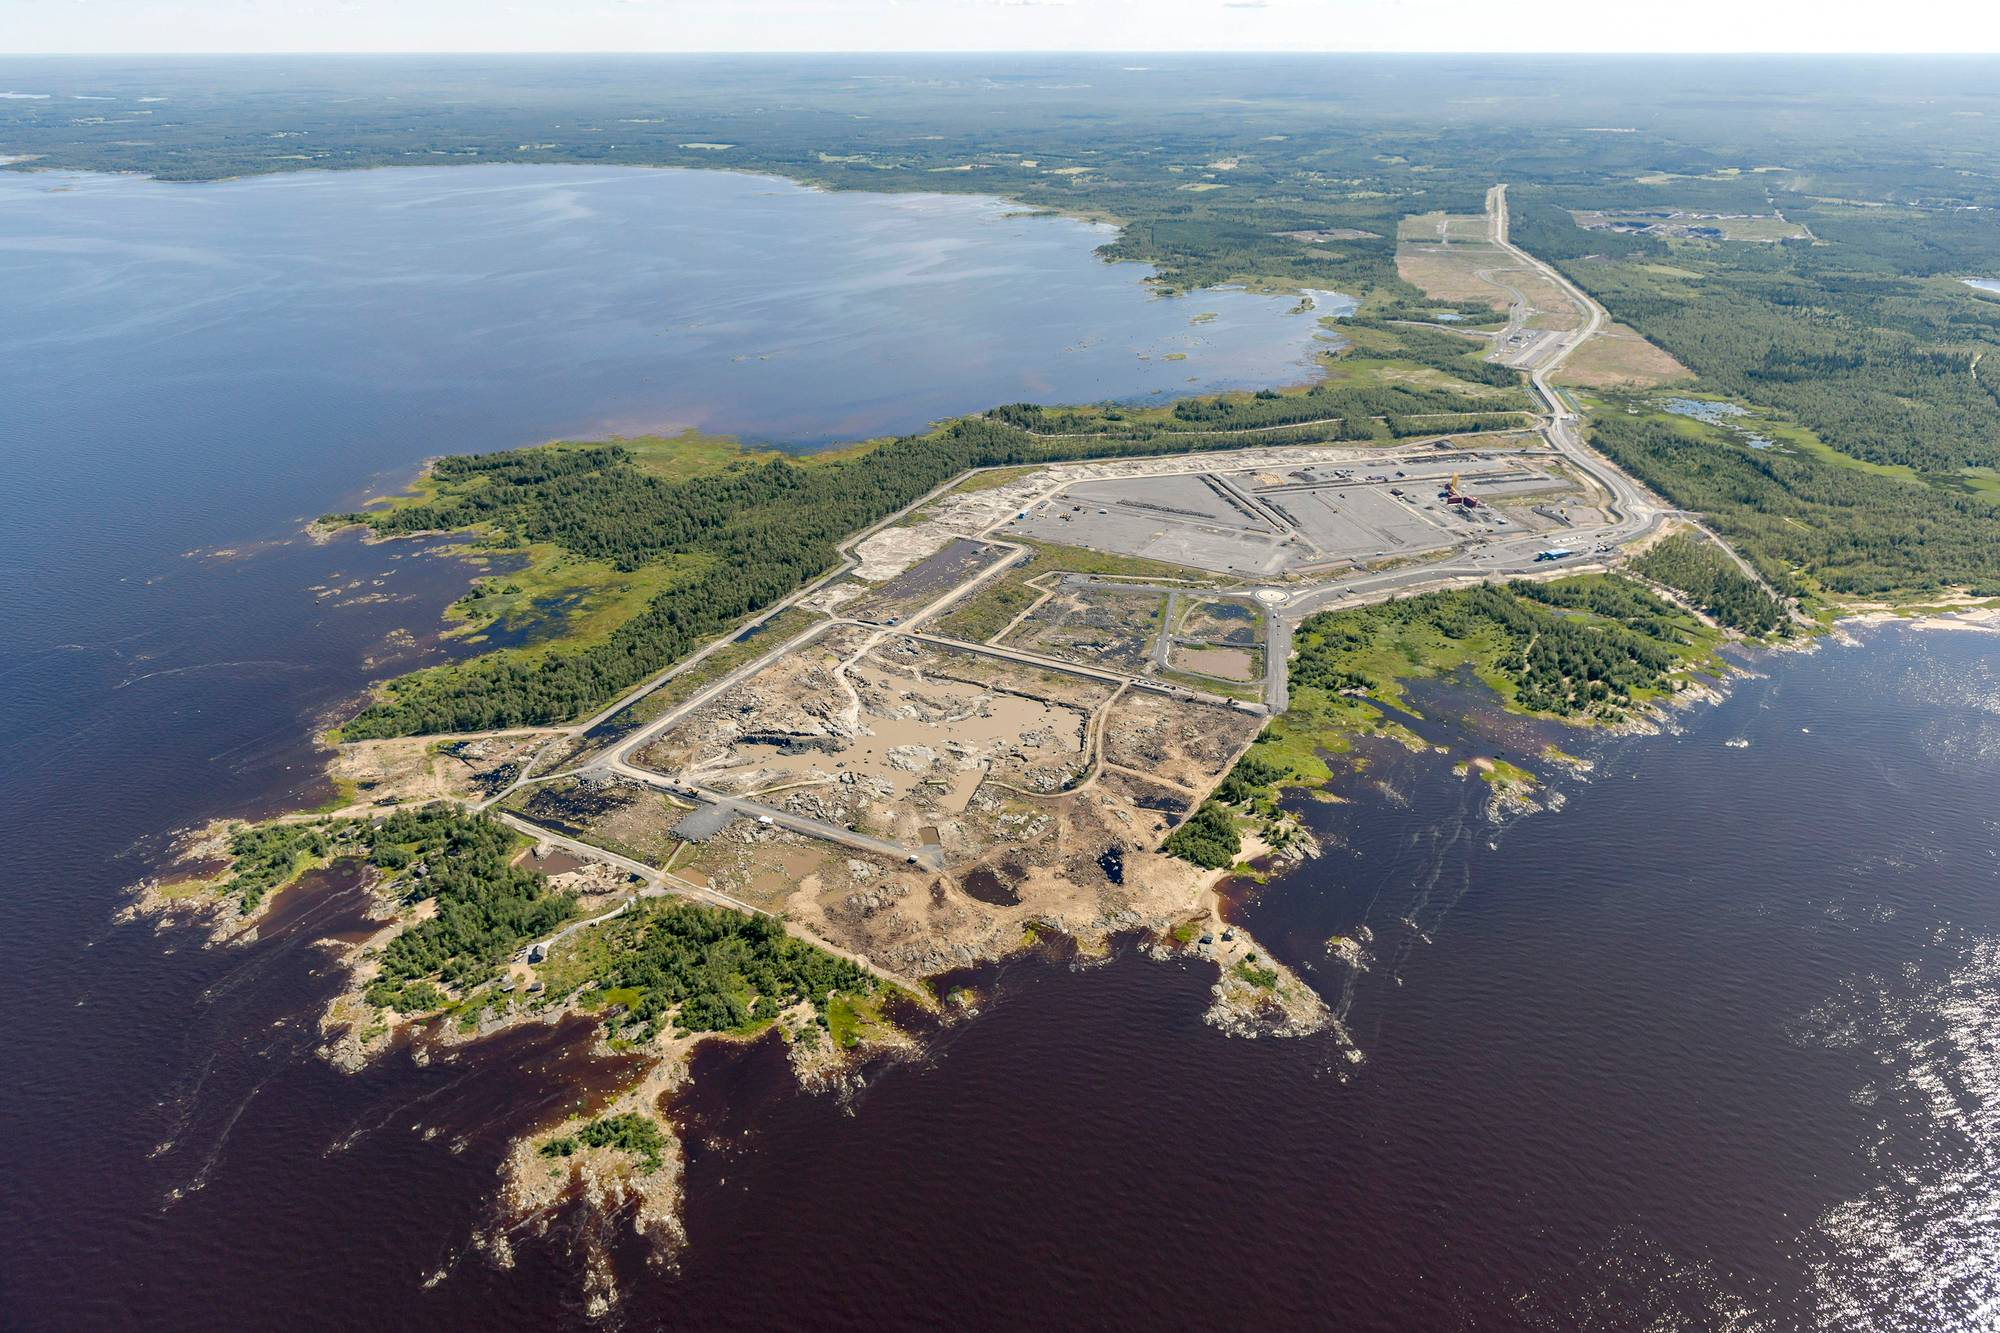 Pyhäjoen Hanhikiven niemelle nousee ydinvoimala.